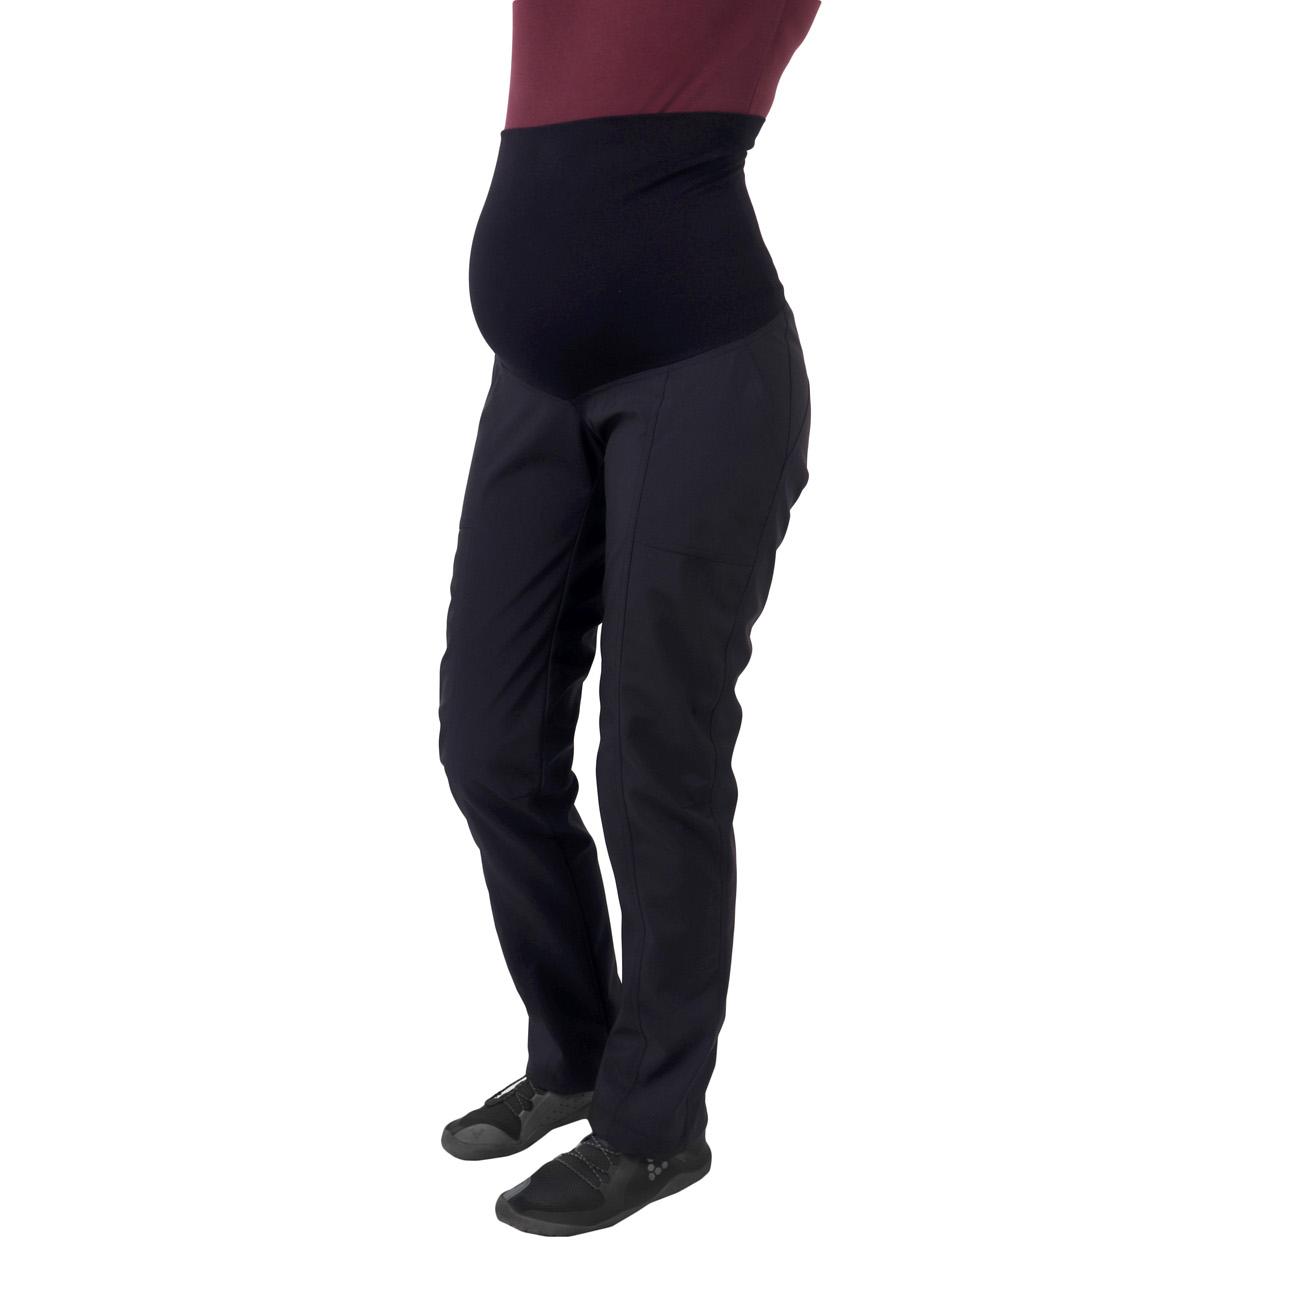 Jarní/letní těhotenské softshellové kalhoty liva, černé, 38 prodloužené